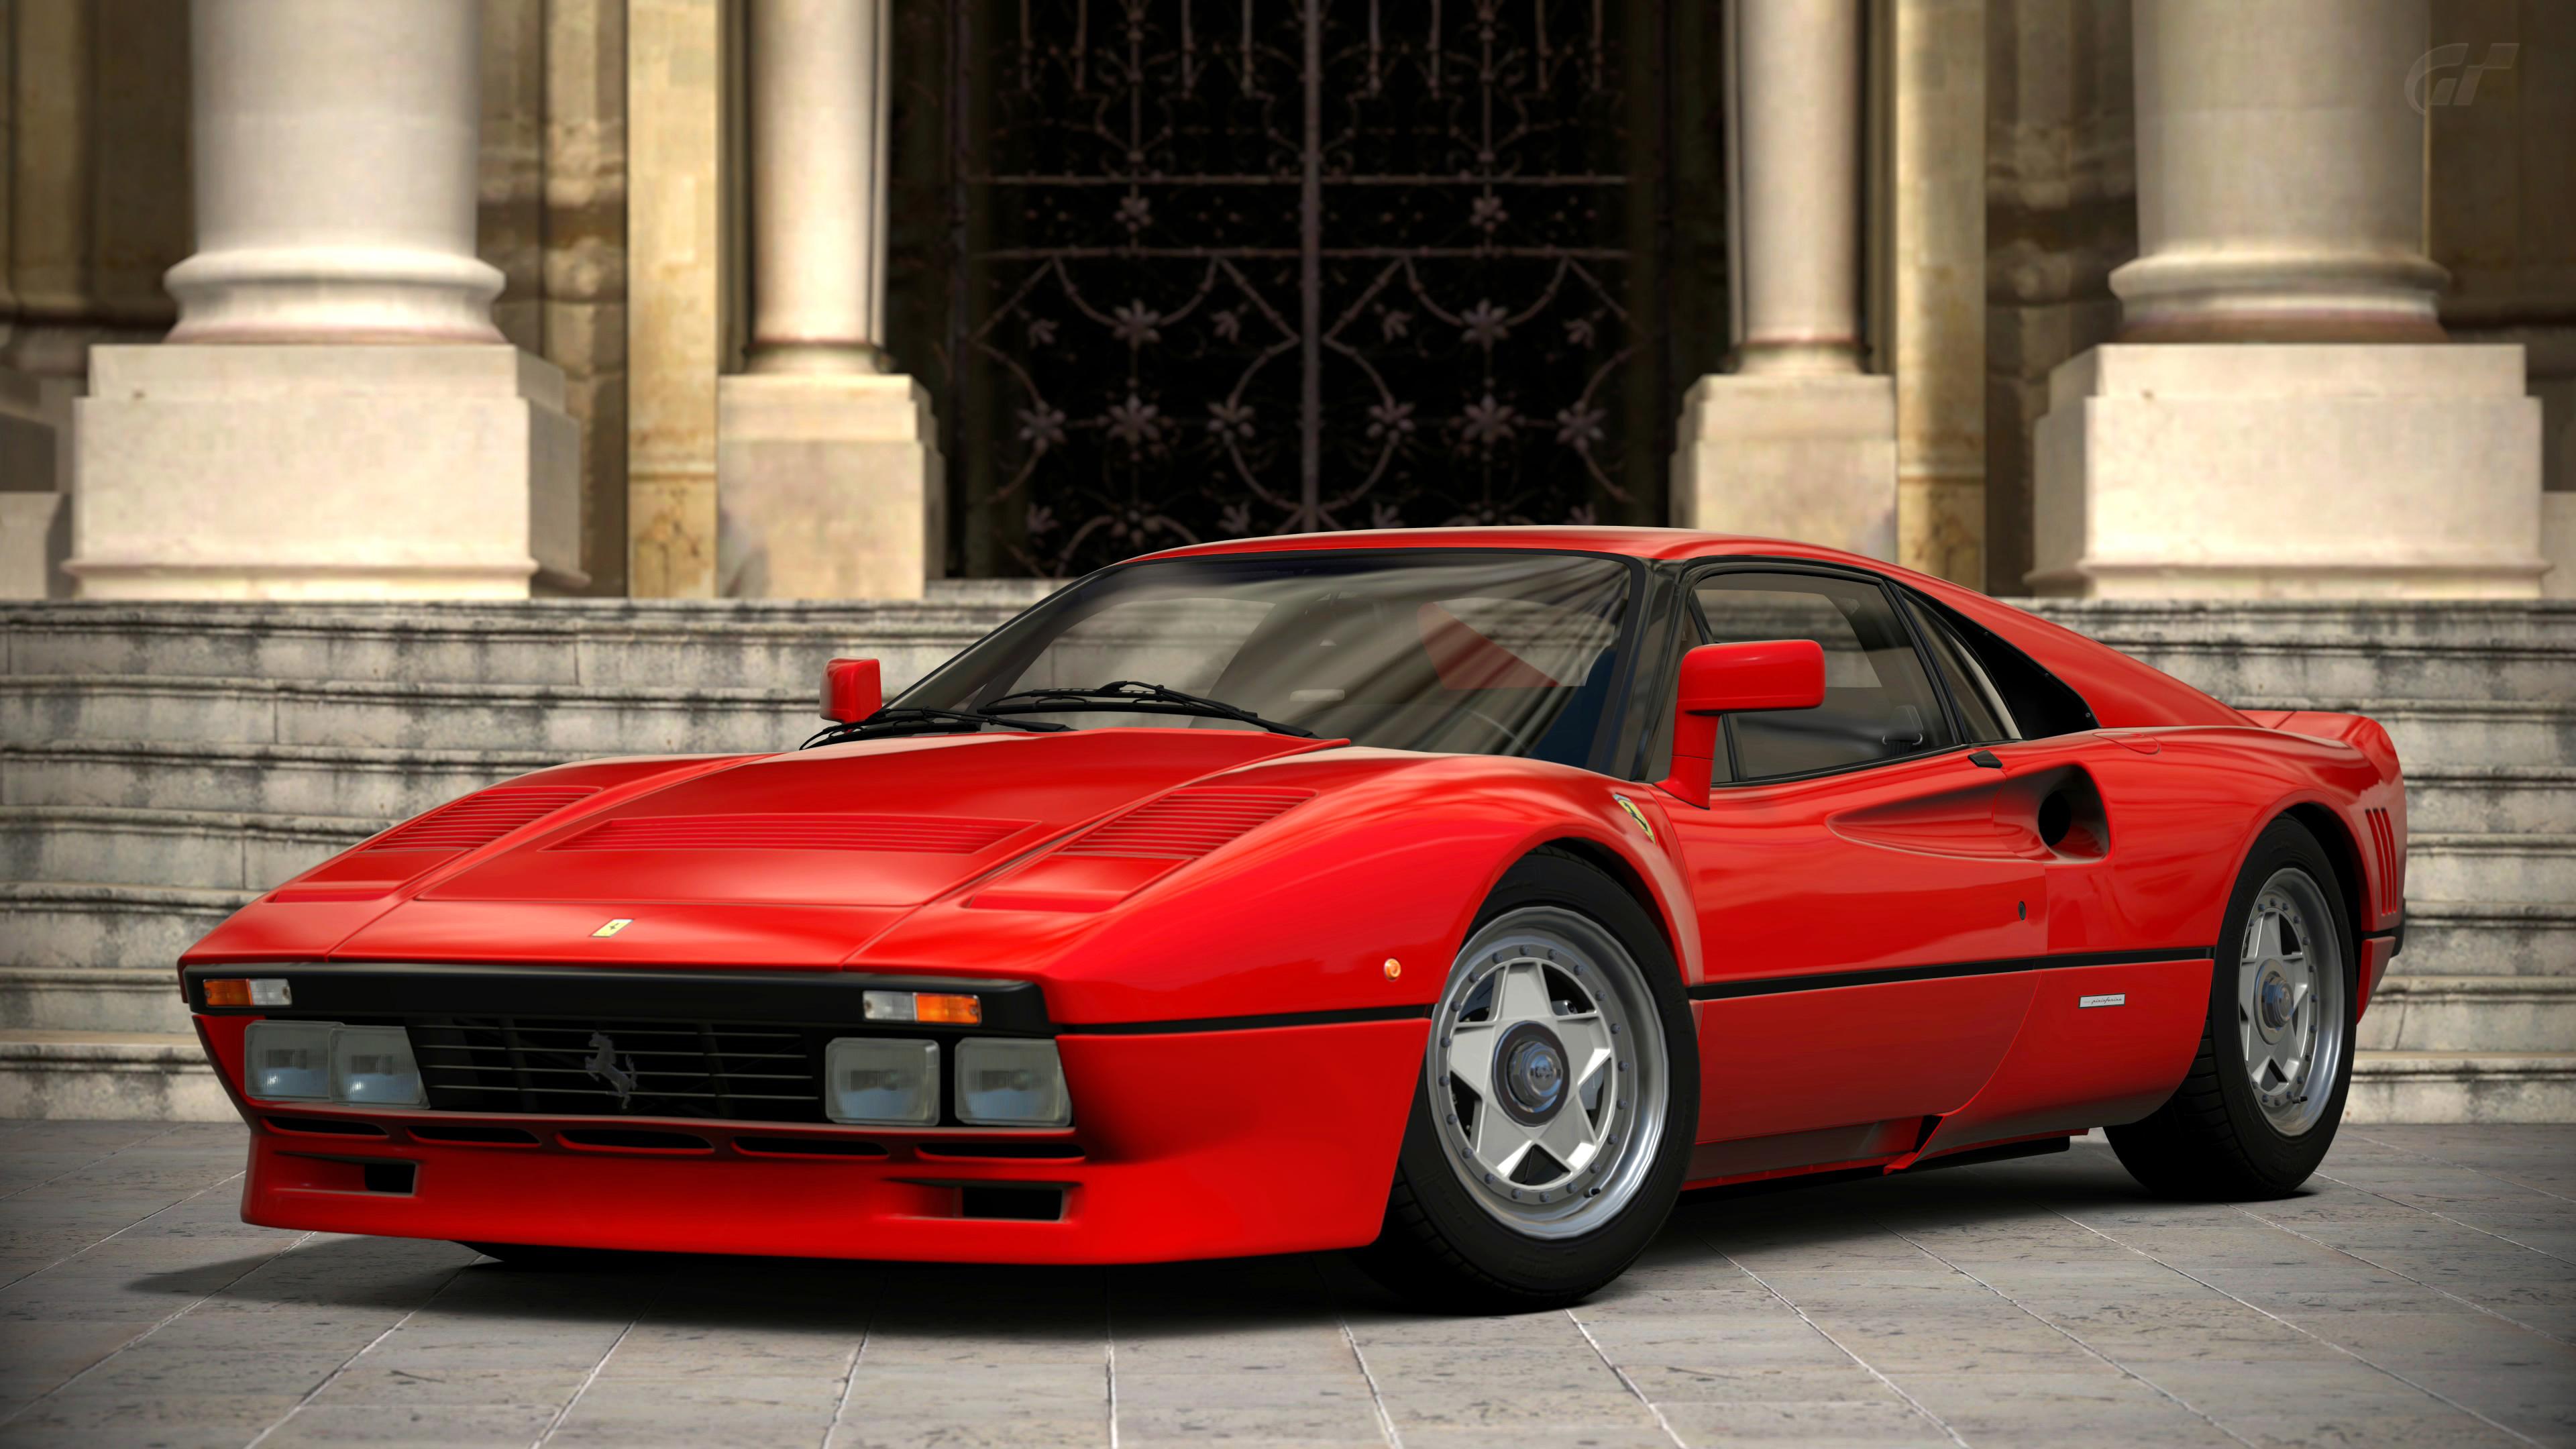 Para além de todos os dados técnicos o que neste carro mais me chama a  atenção e a sua estética, olhem para ele e simplesmente magnífico.